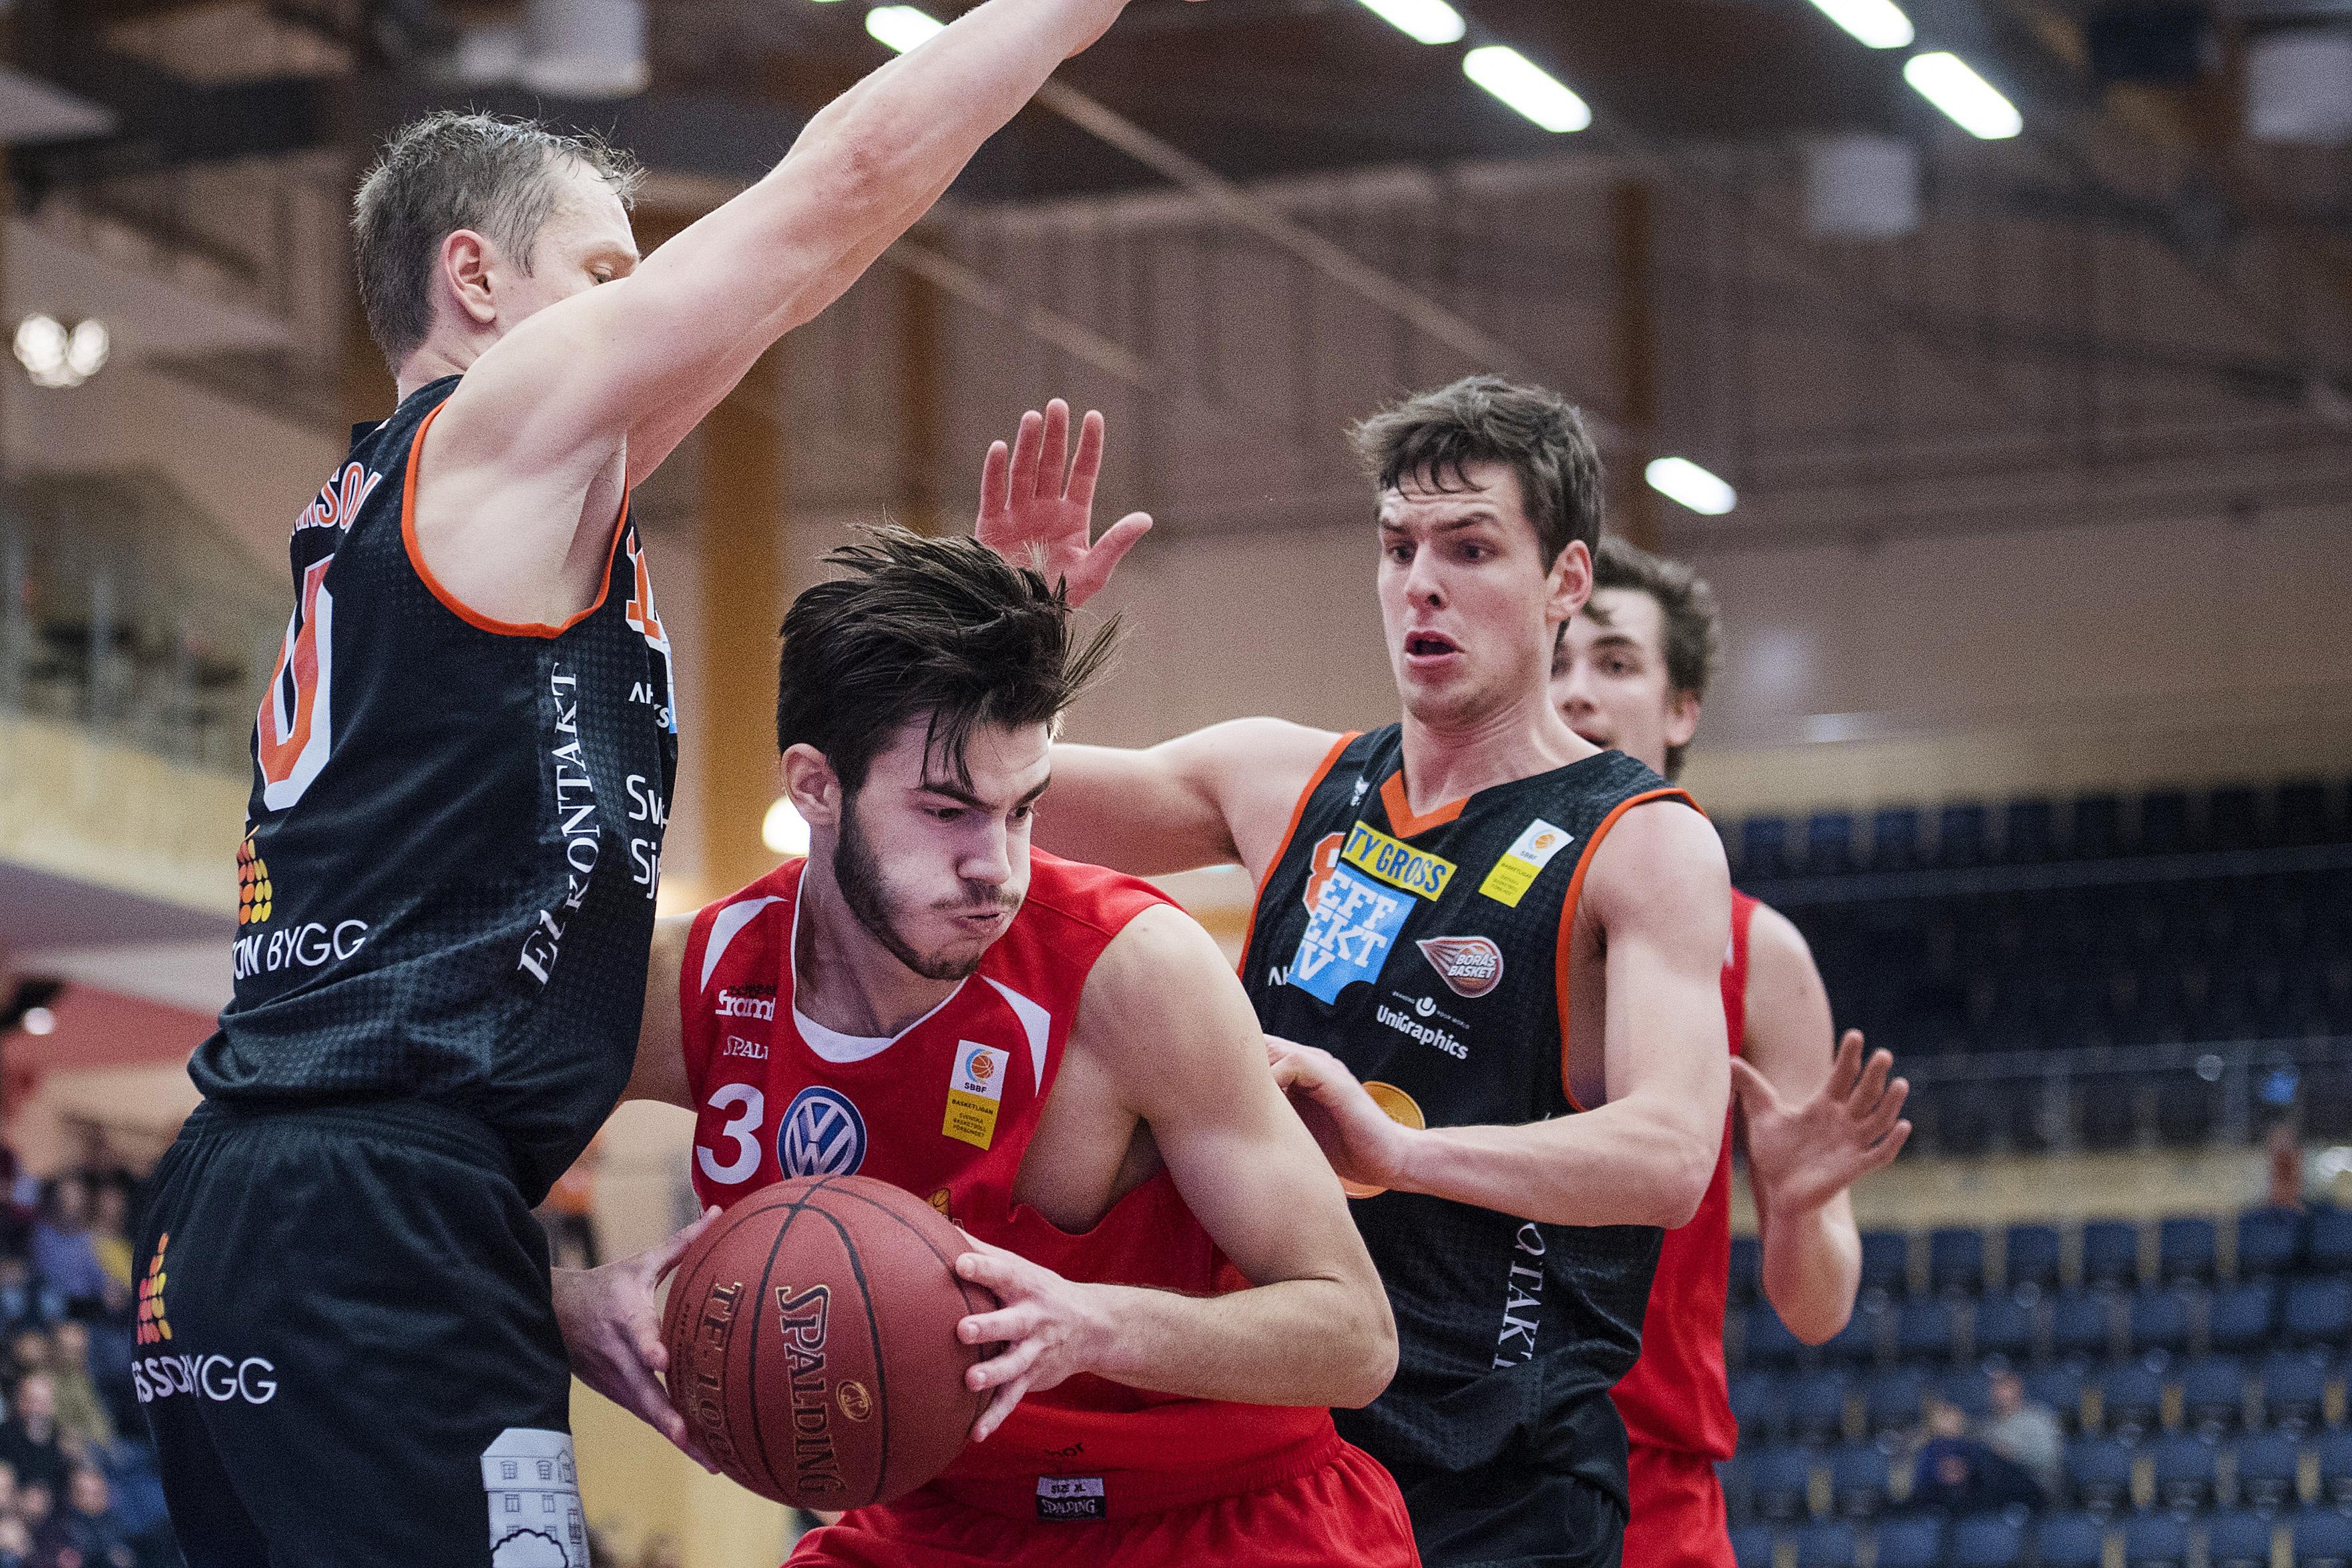 161220 Uppsalas Anes Zekovic med bollen under basketmatchen i Basketligan mellan Uppsala och BorŒs den 20 december 2016 i Uppsala. Foto: Johanna Lundberg / BILDBYRN / 135755